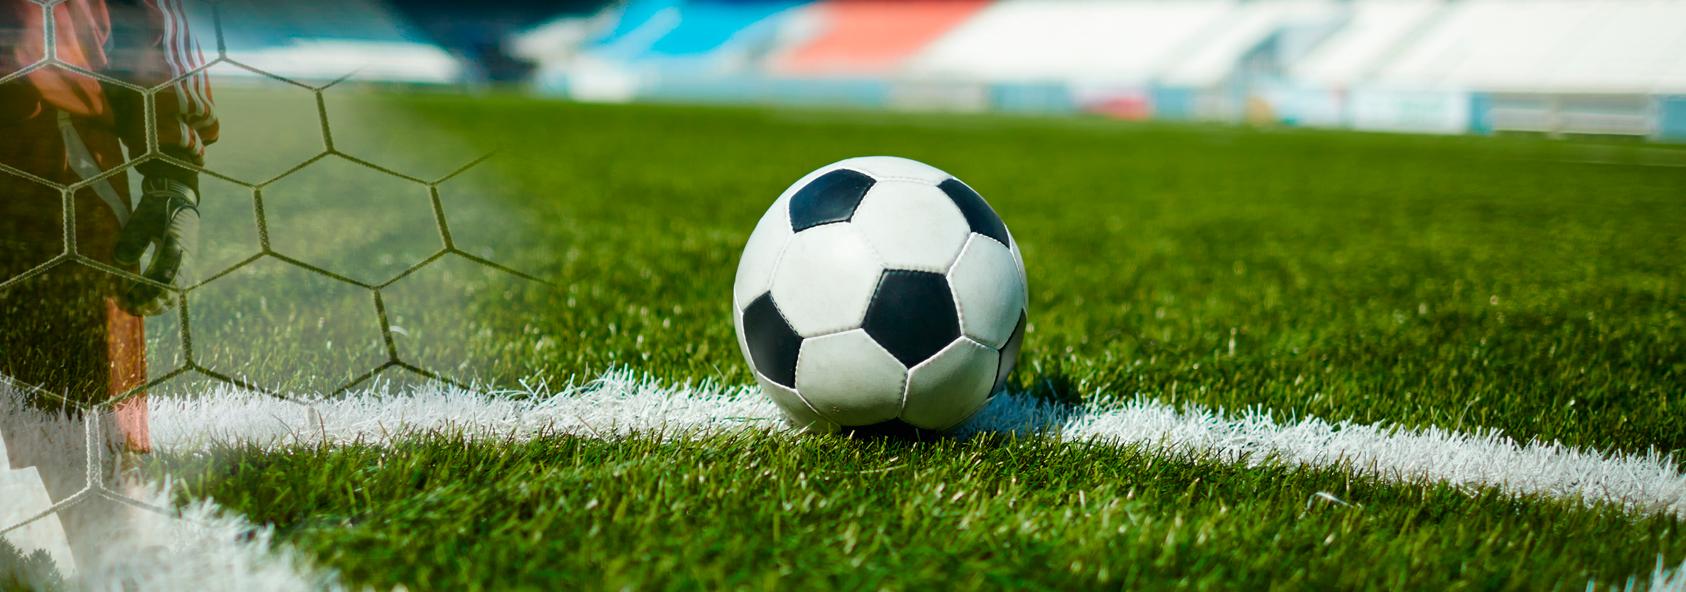 Zelaiak irudia - gipuzkoako futbol federazioa